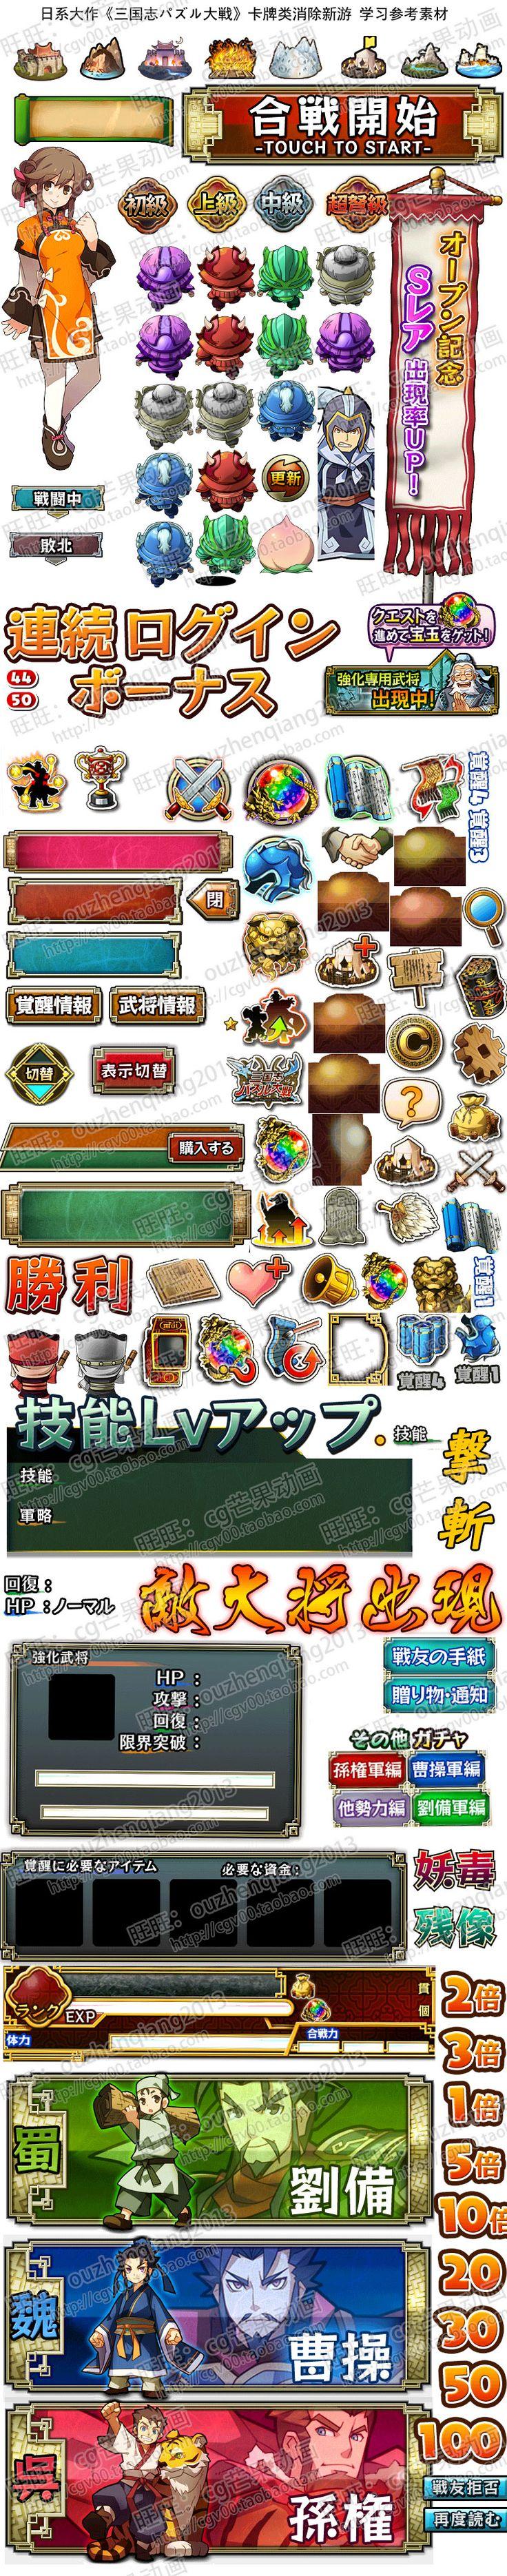 【游戏美术资源】日本卡牌拼图消除类手游《三国志拼图大战》UI素材/界面/图标/卡牌/场景/特效